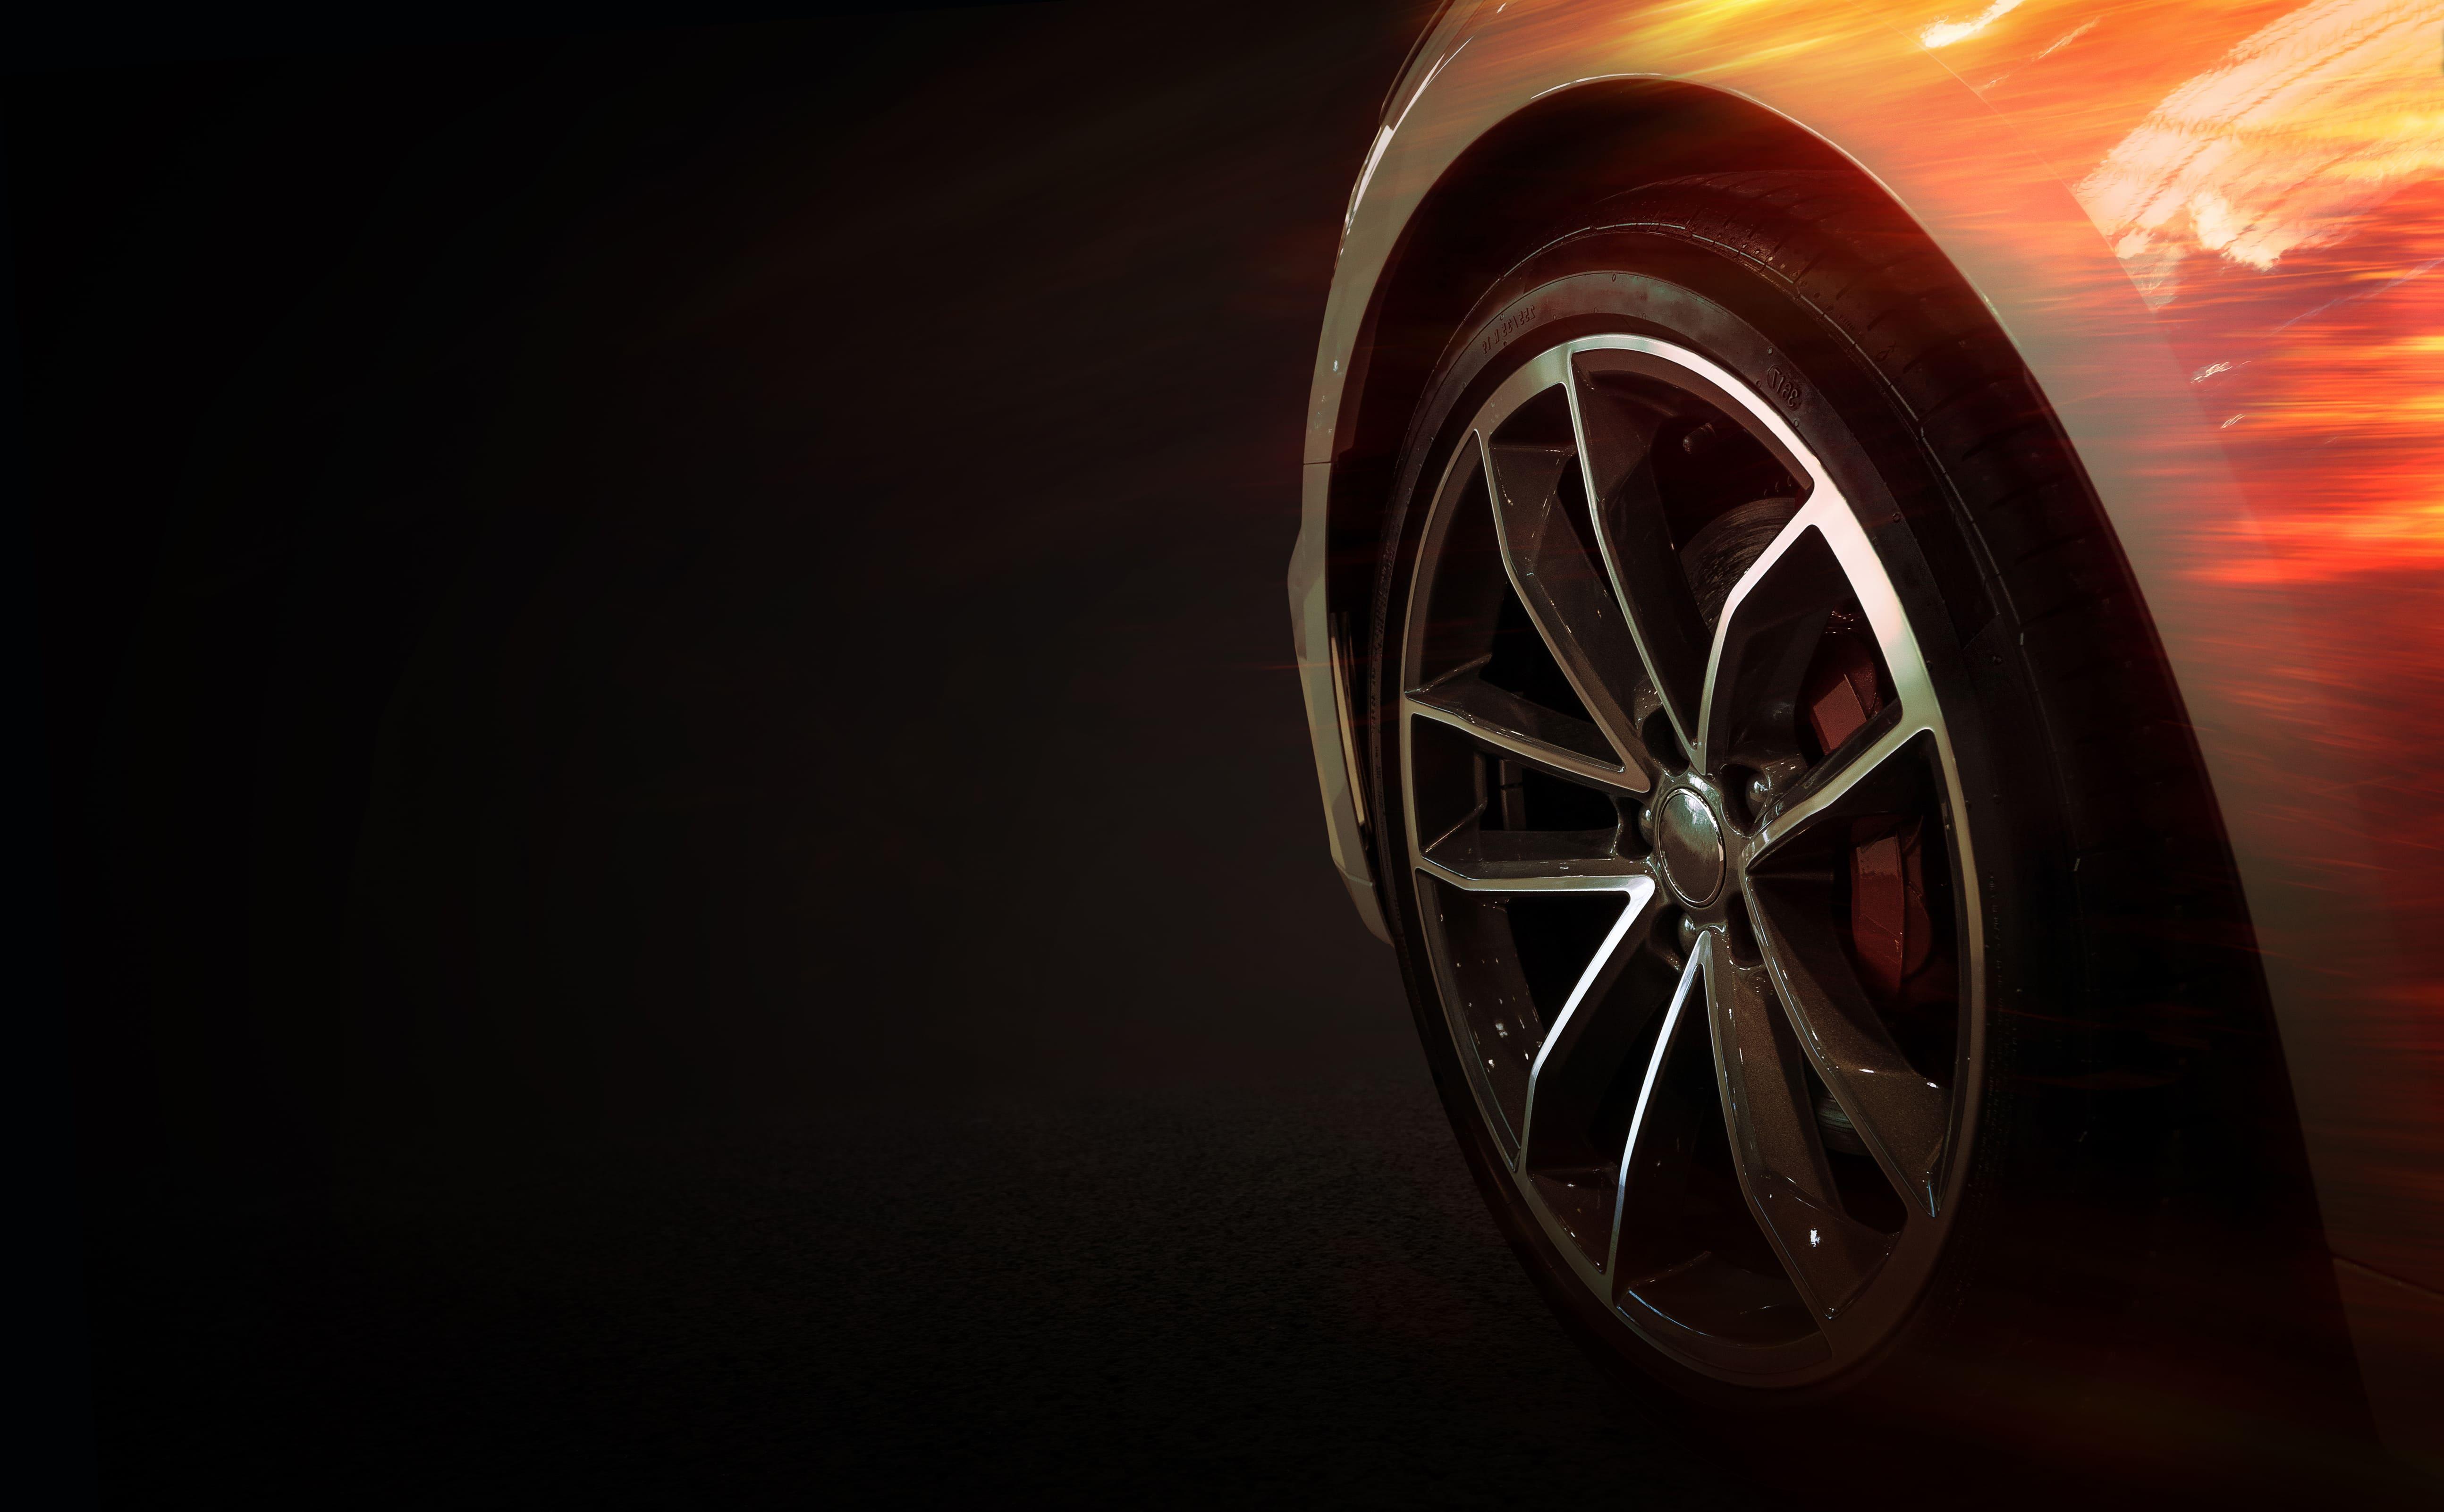 「マジェスタ」の中古車を自社ローンで購入した方の車両価格相場と口コミ(体験談)